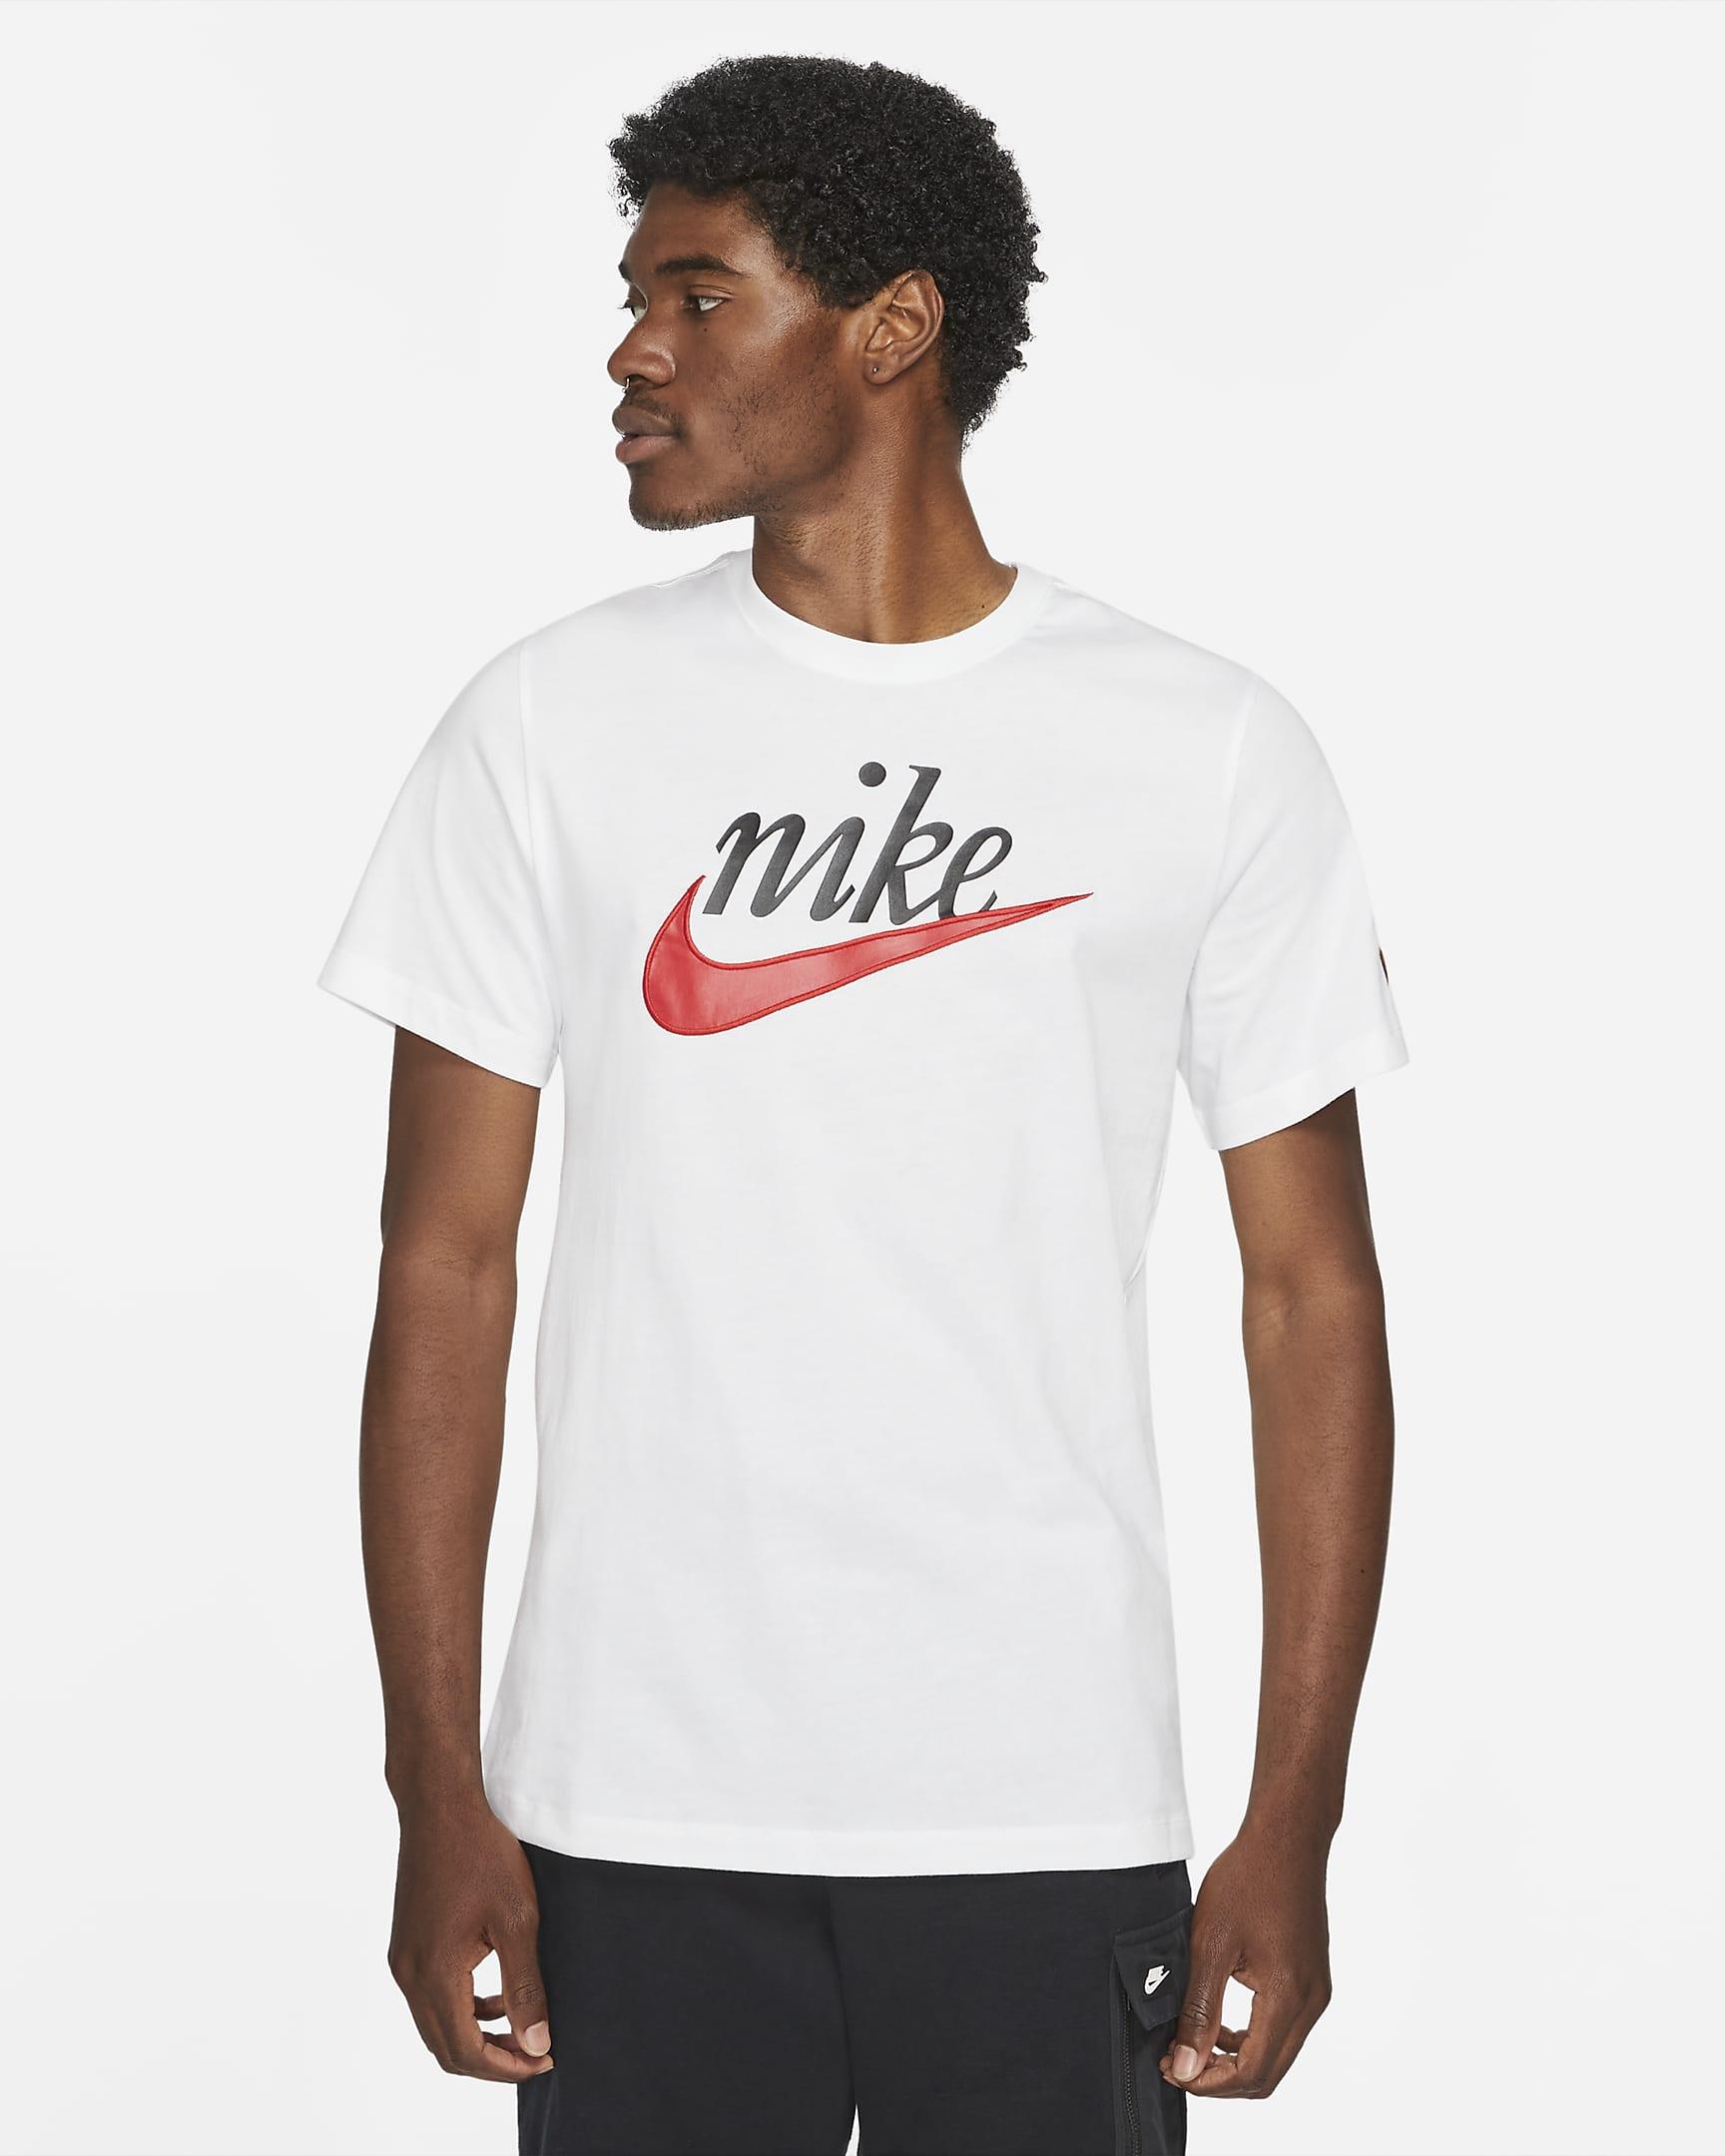 nike-sportswear-mens-t-shirt-XvMmR7.png